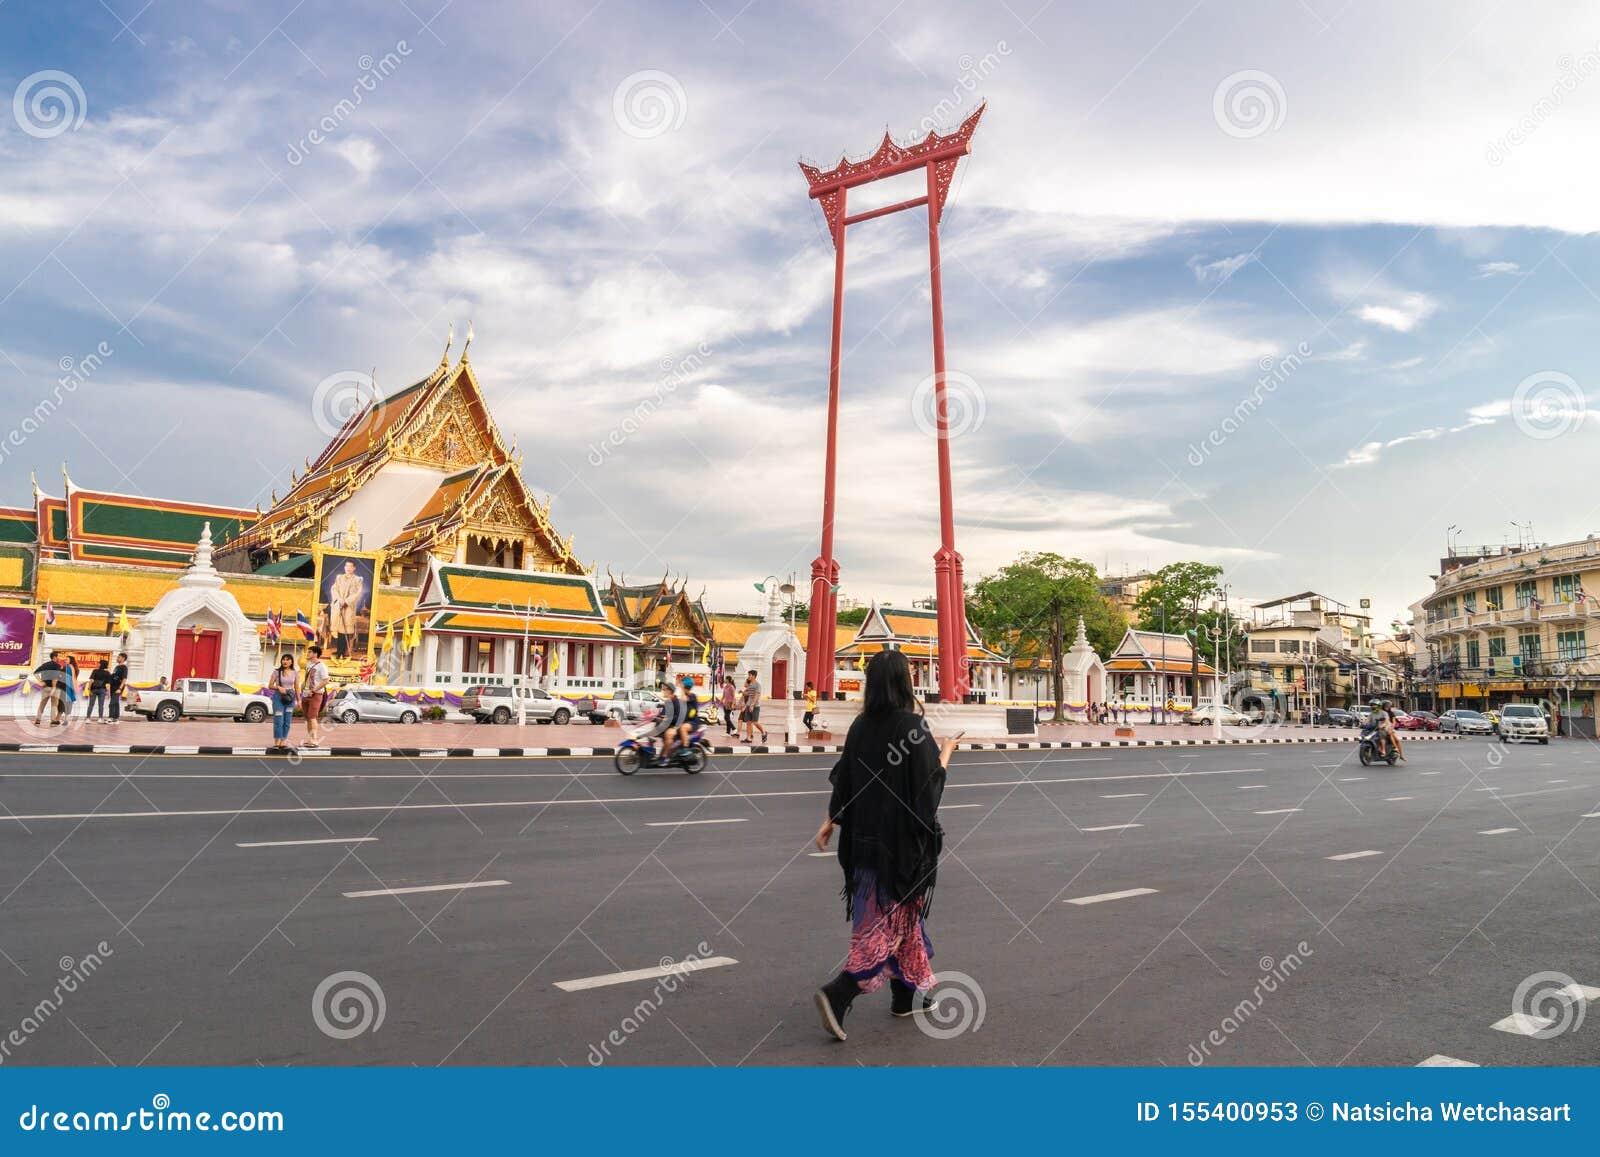 Ένας ασιατικός τουρίστας περπατά κατά μήκος της οδού στη γιγαντιαίο ταλάντευση ή το Σάο Ching Cha το ορόσημο της πόλης της Μπανγκ